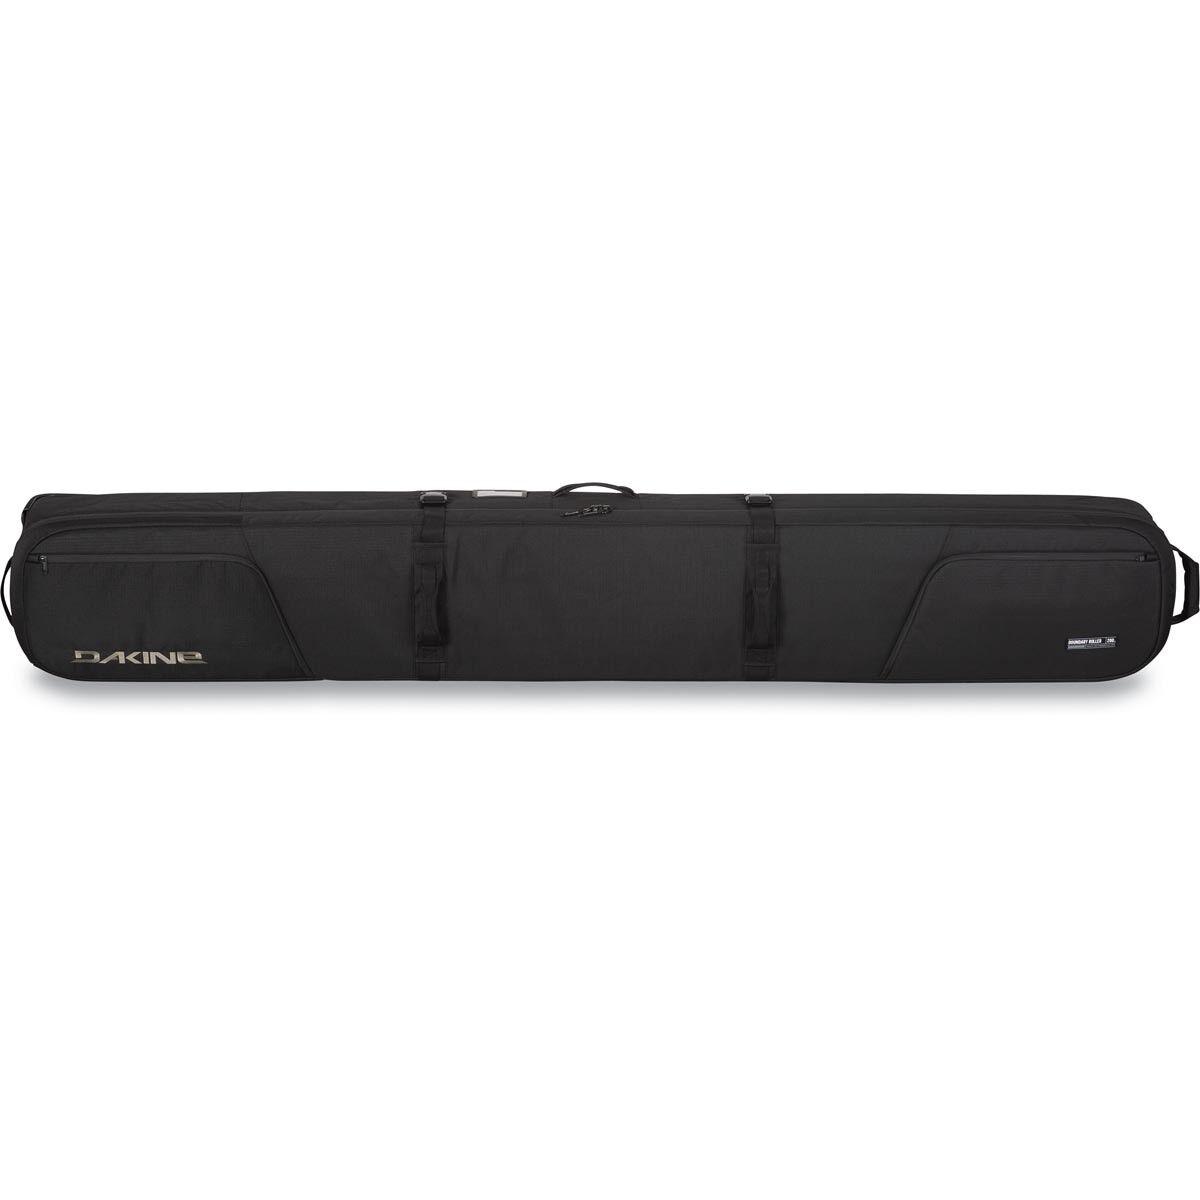 Dakine Boundary Ski Roller Bag 200 cm Ski Borsa Black